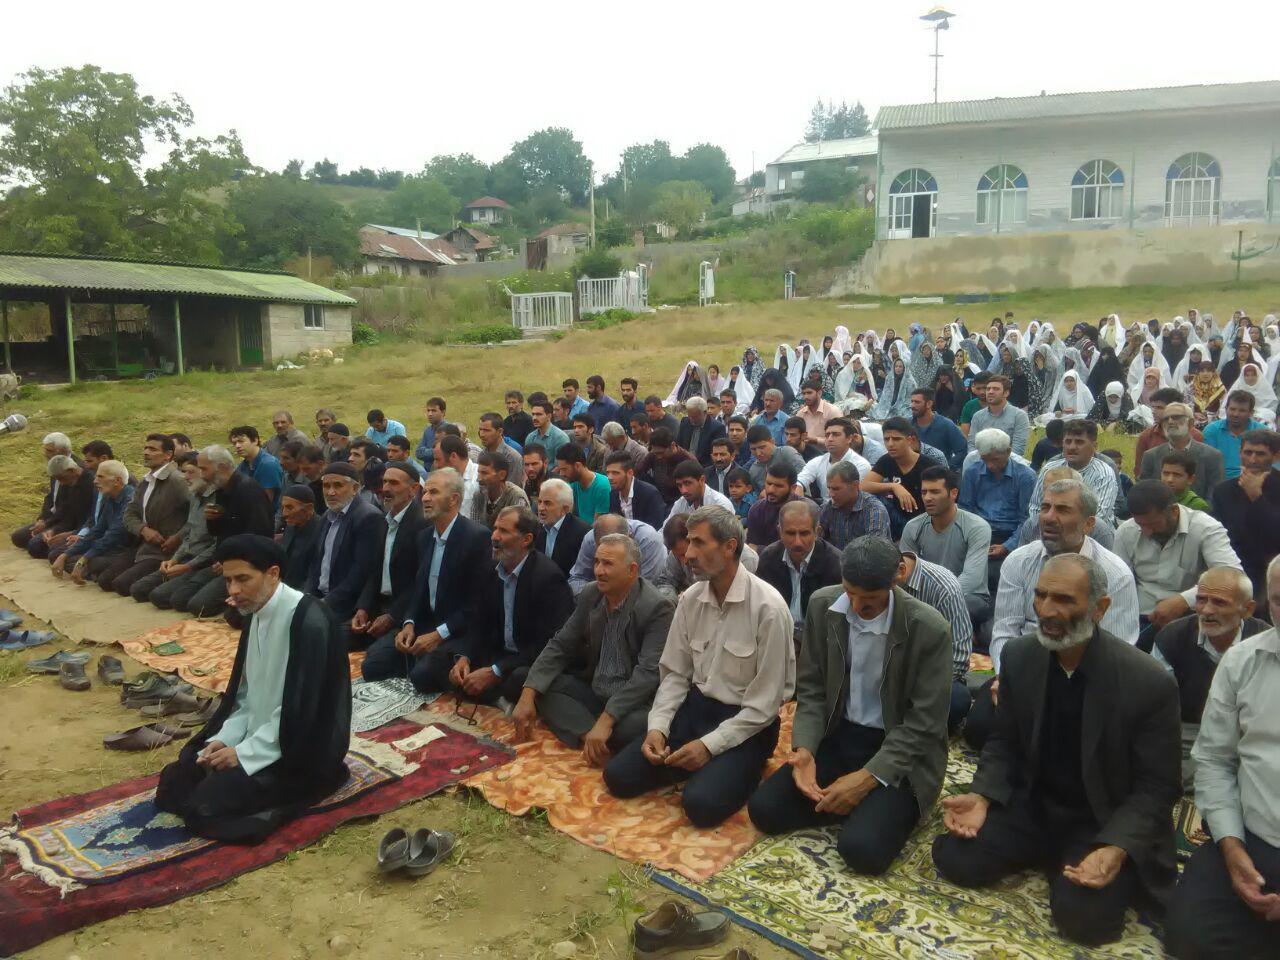 گزارش تصویری نماز عید فطر در روستای خالخیل